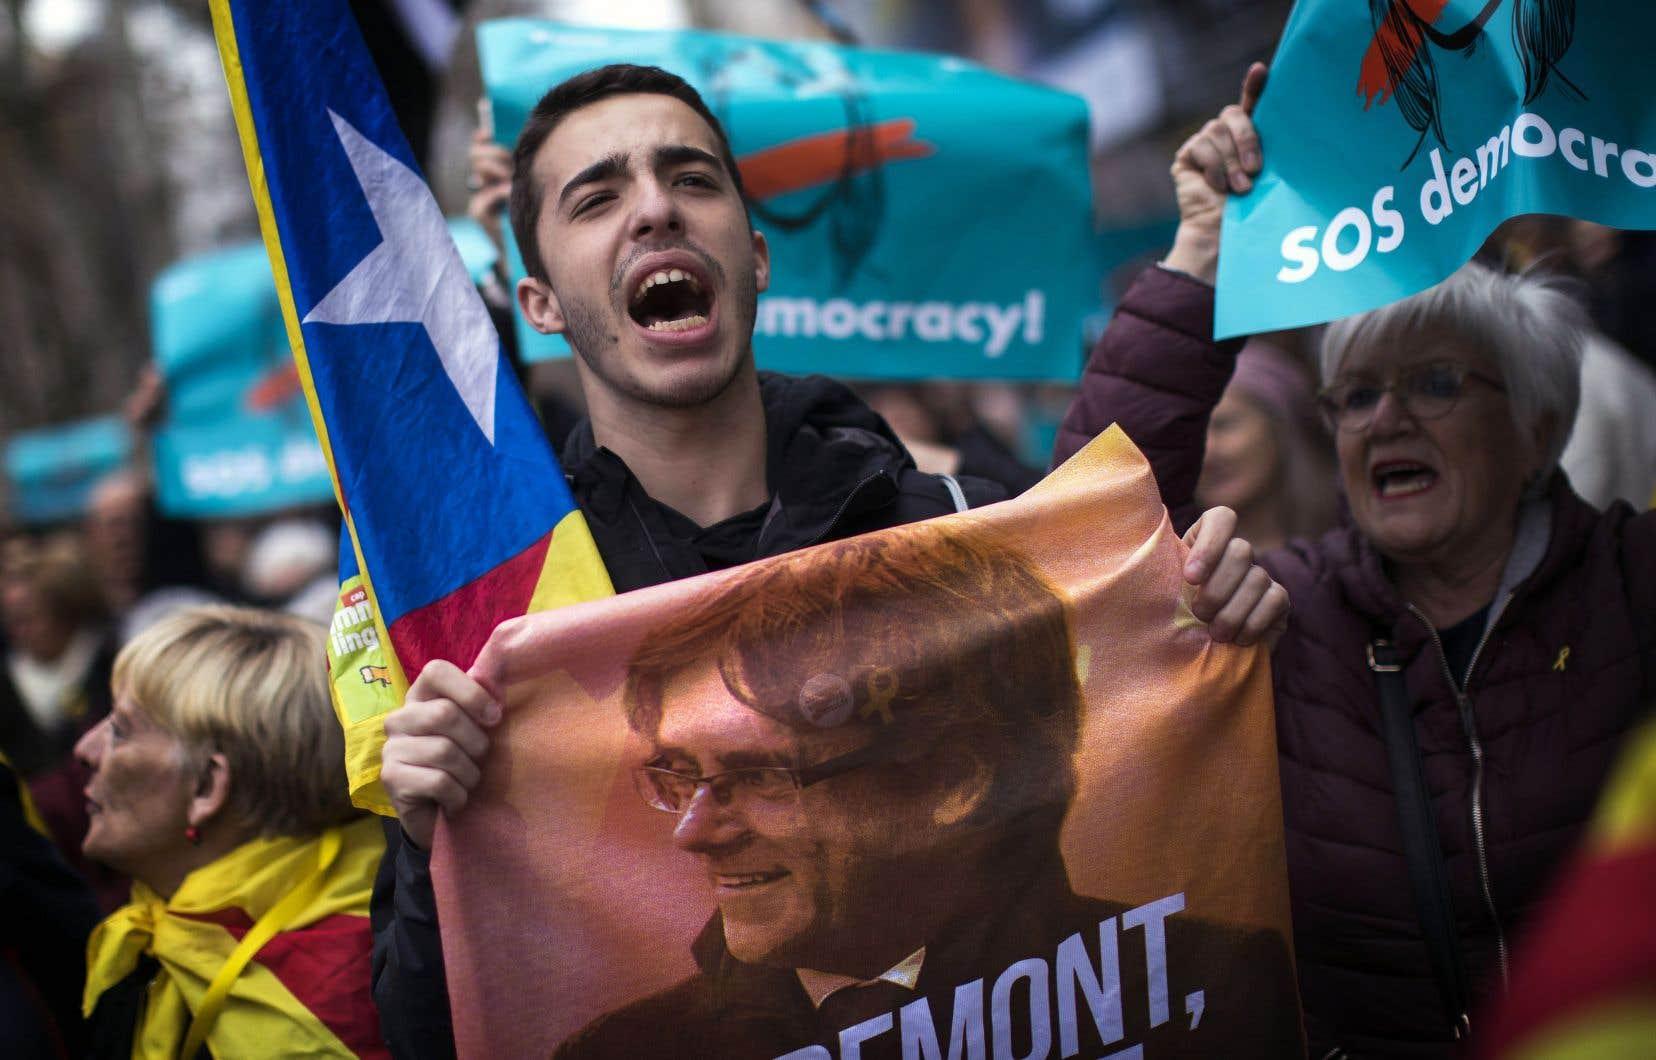 Des milliers de séparatistes catalans sont descendus dans les rues de Barcelone dans les heures suivant l'arrestation de Carles Puigdemont.